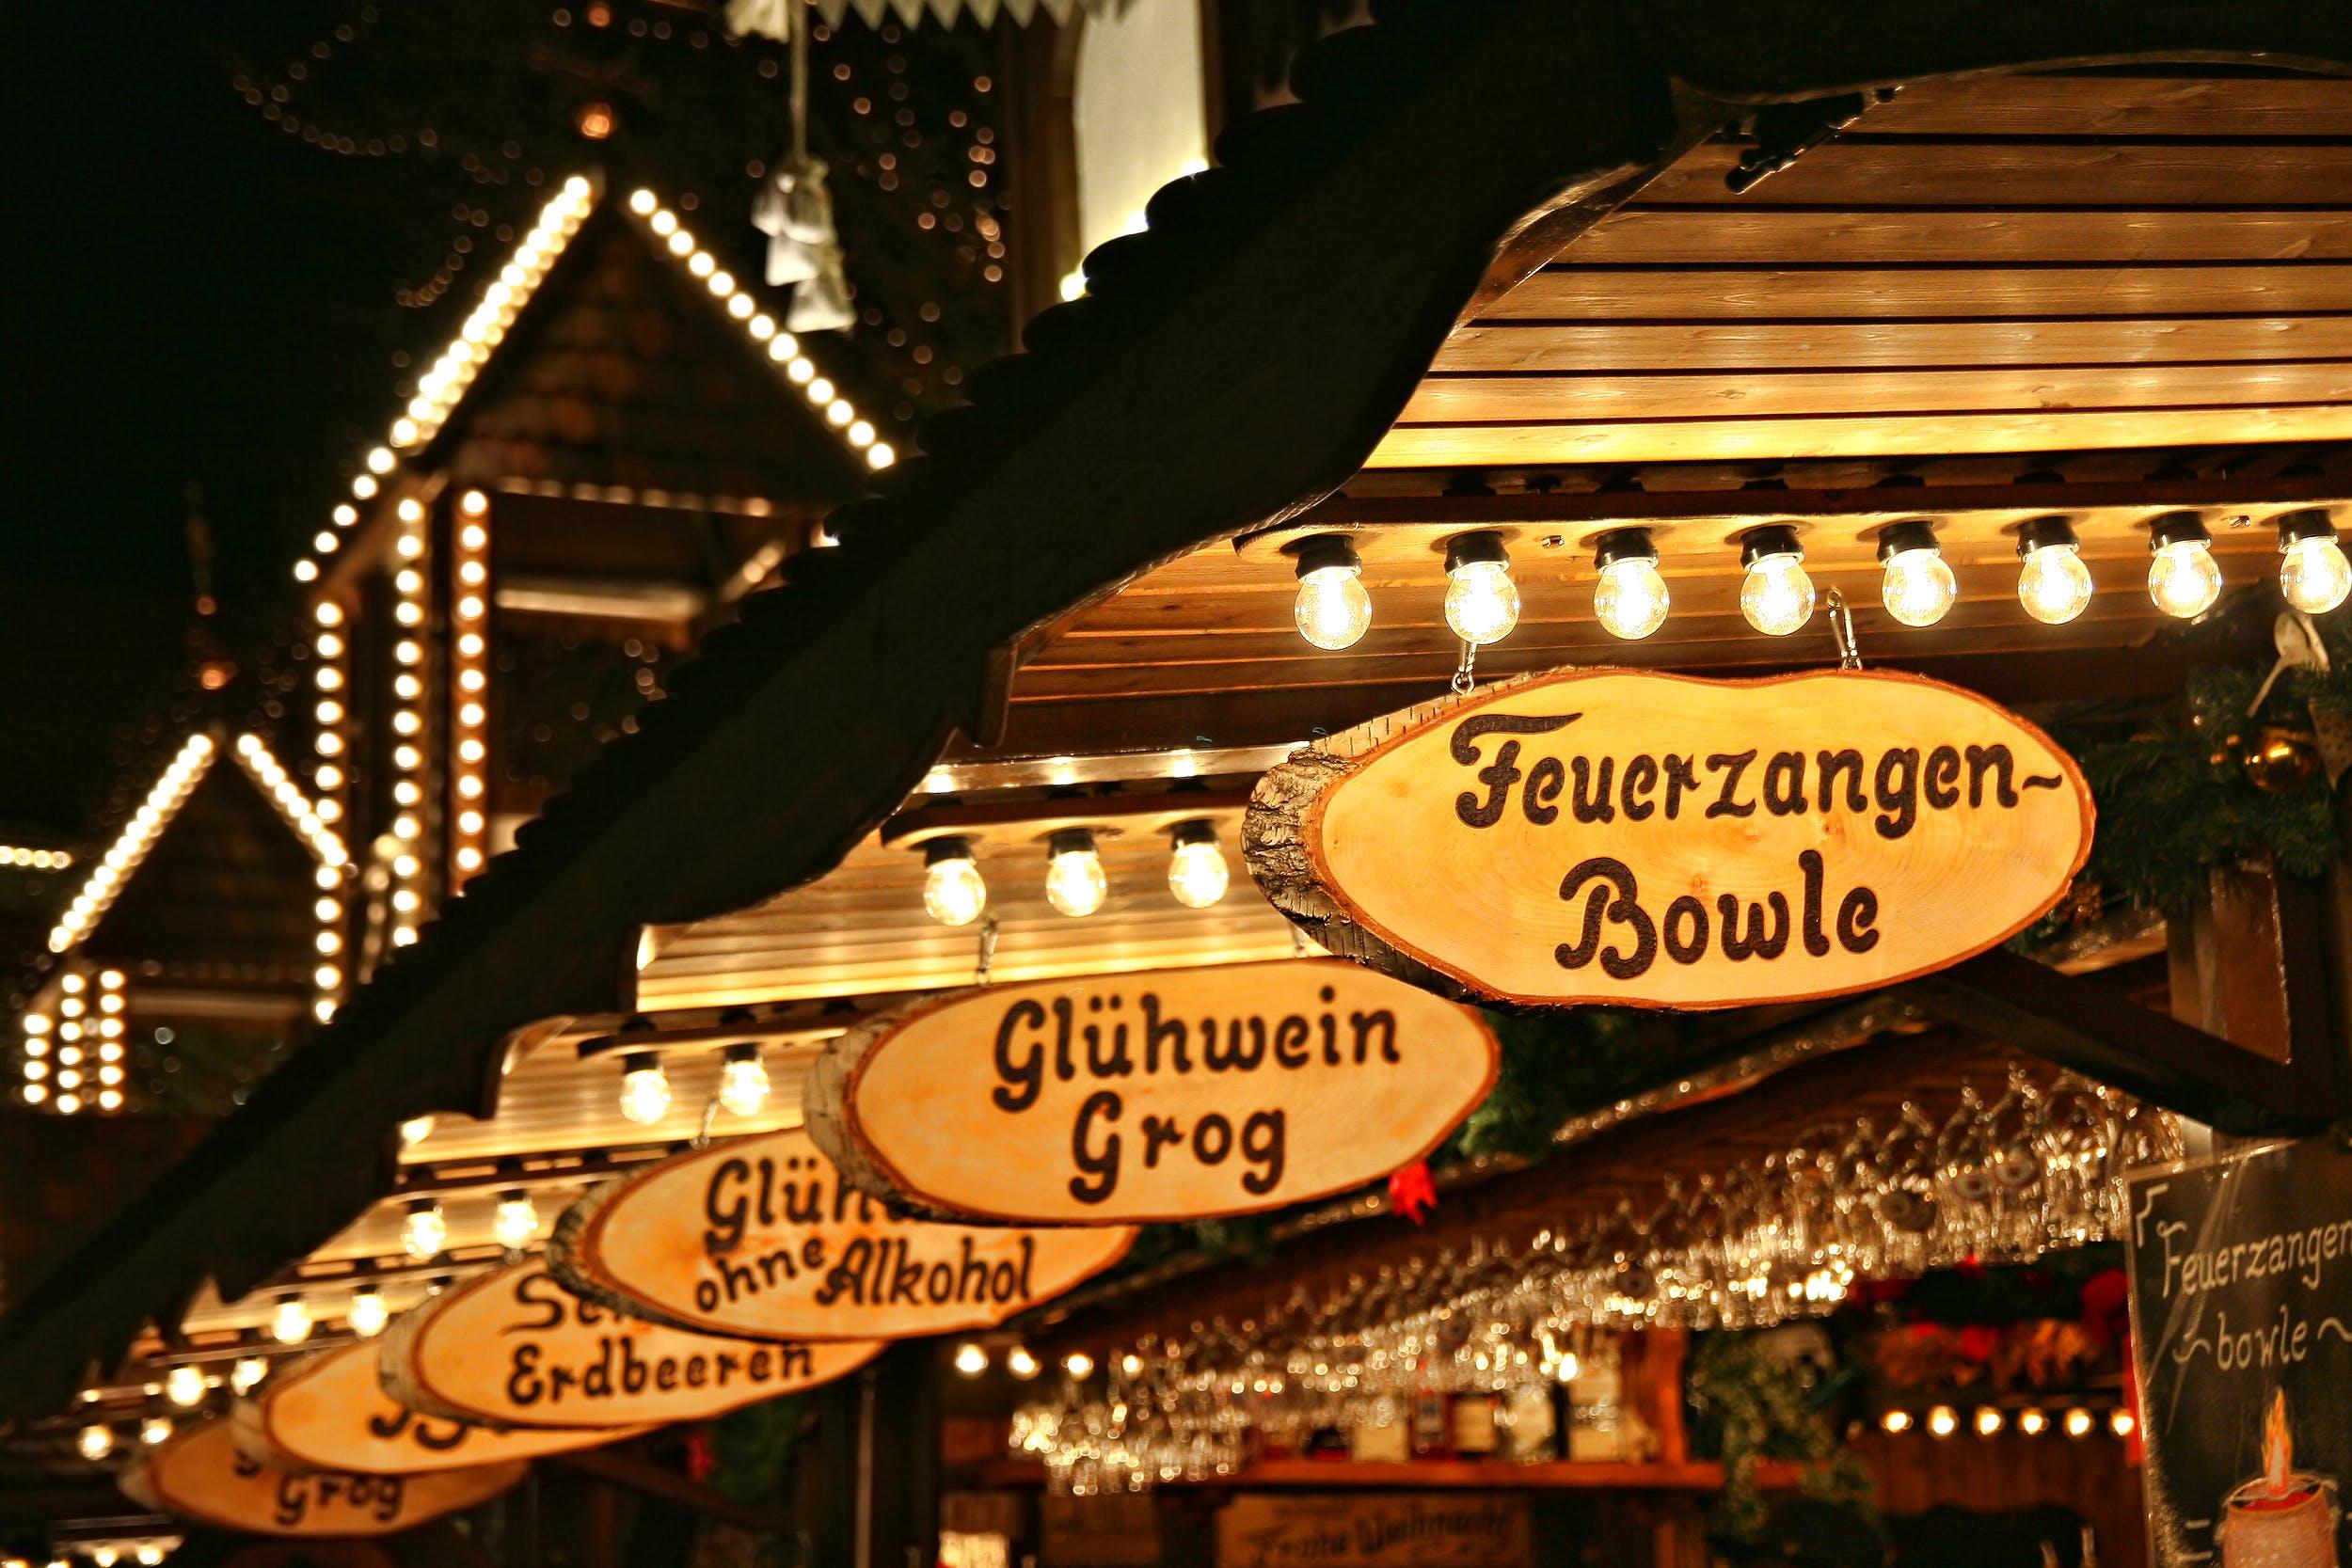 Romantischer Weihnachtsmarkt in Germany.